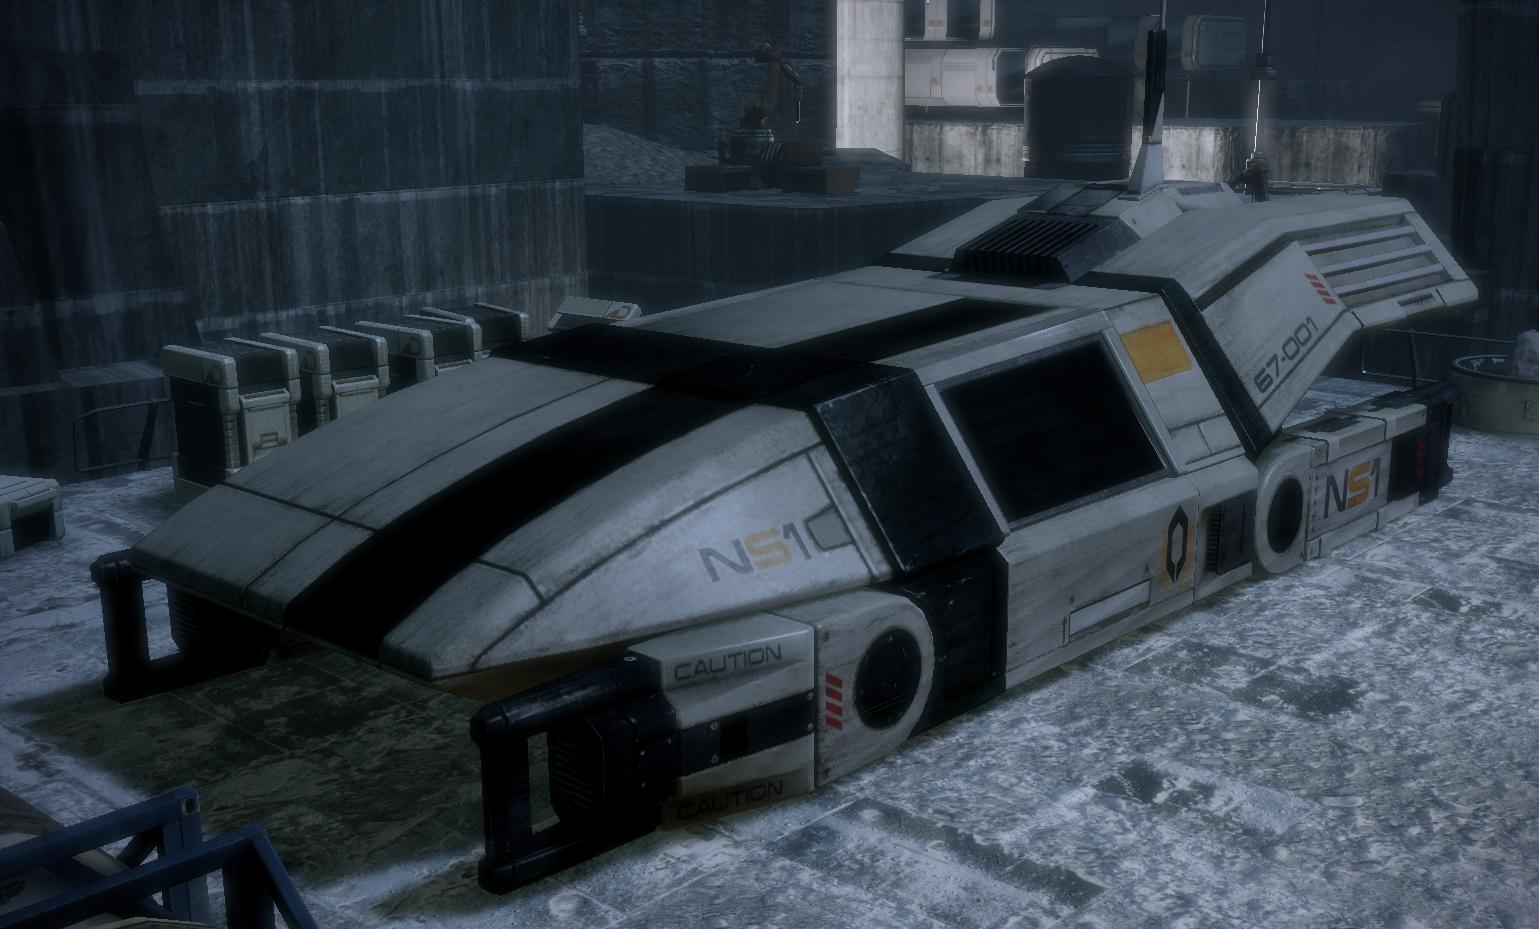 Mass Effect 3 Vehicles: UT-47 Kodiak Drop Shuttle